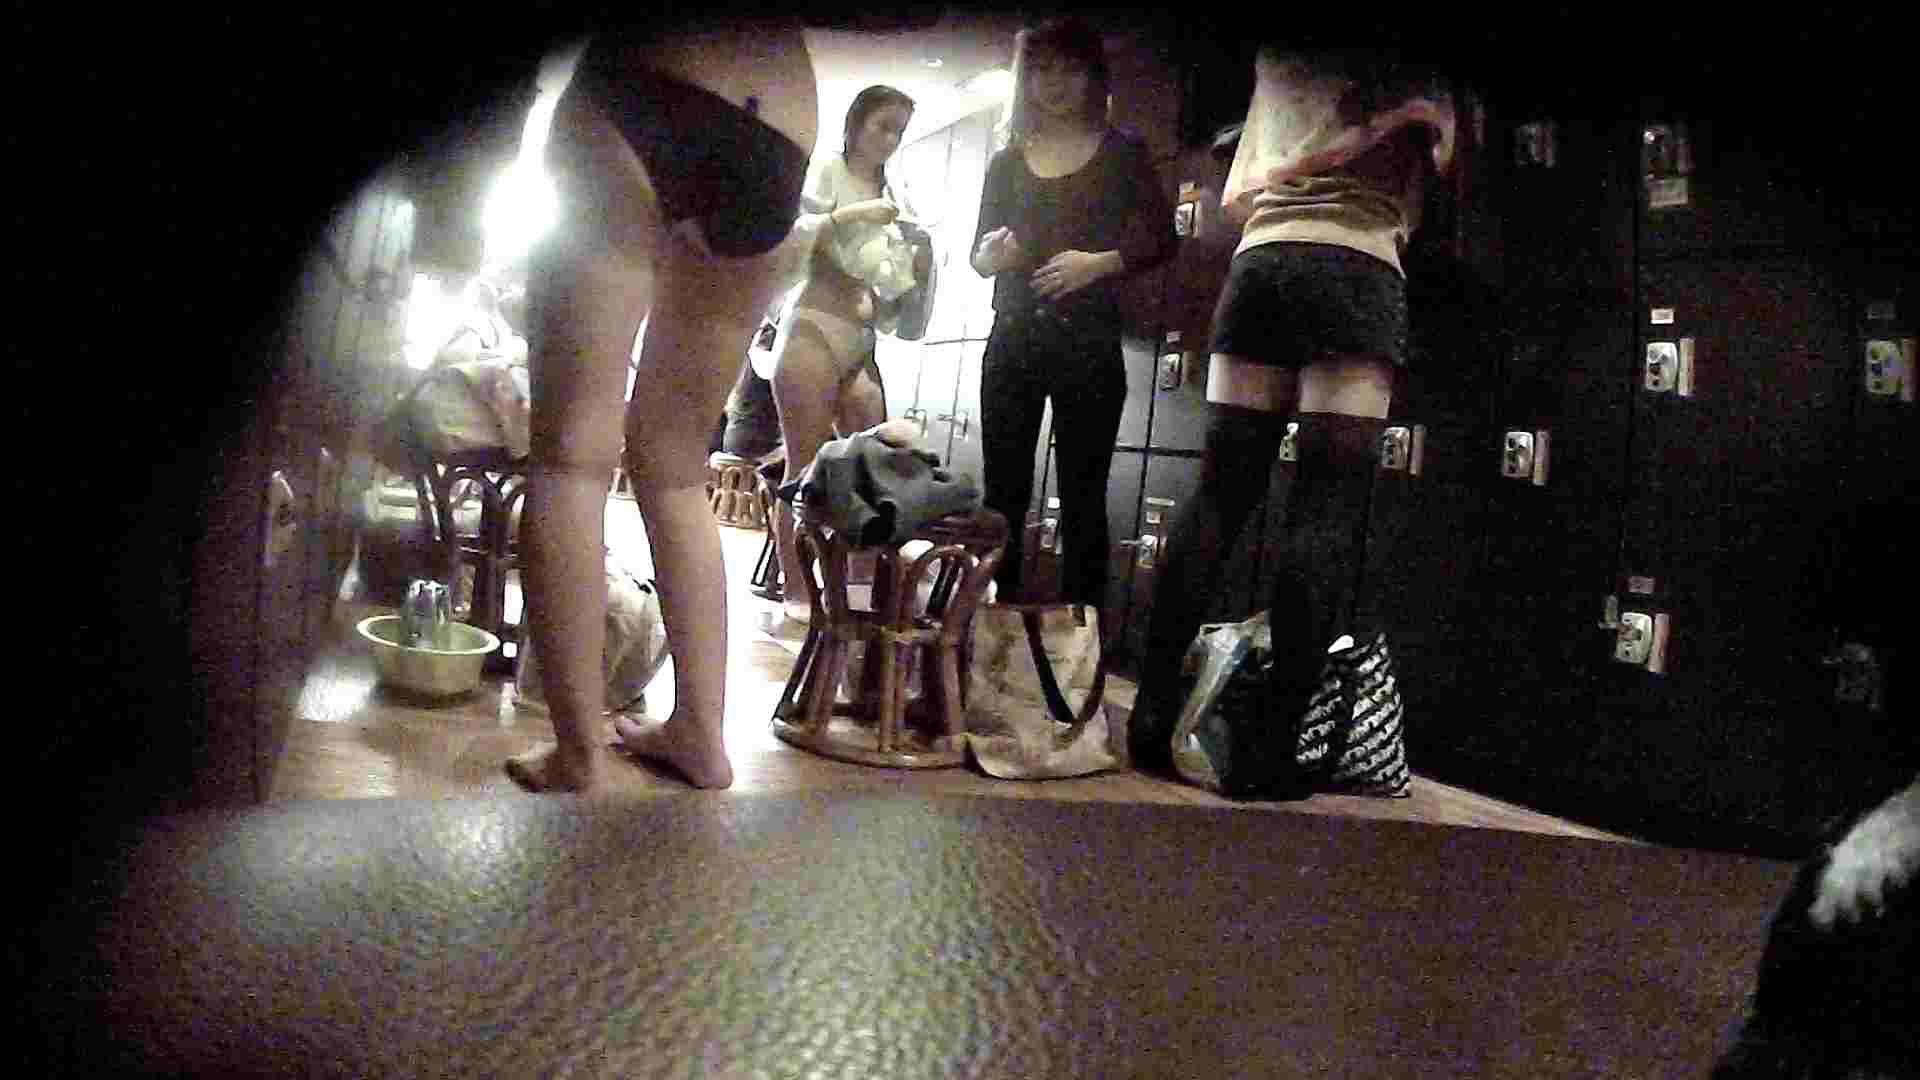 オムニバスVol.5 脱衣所のイケイケギャルがお勧め ギャル攻め ヌード画像 62画像 58